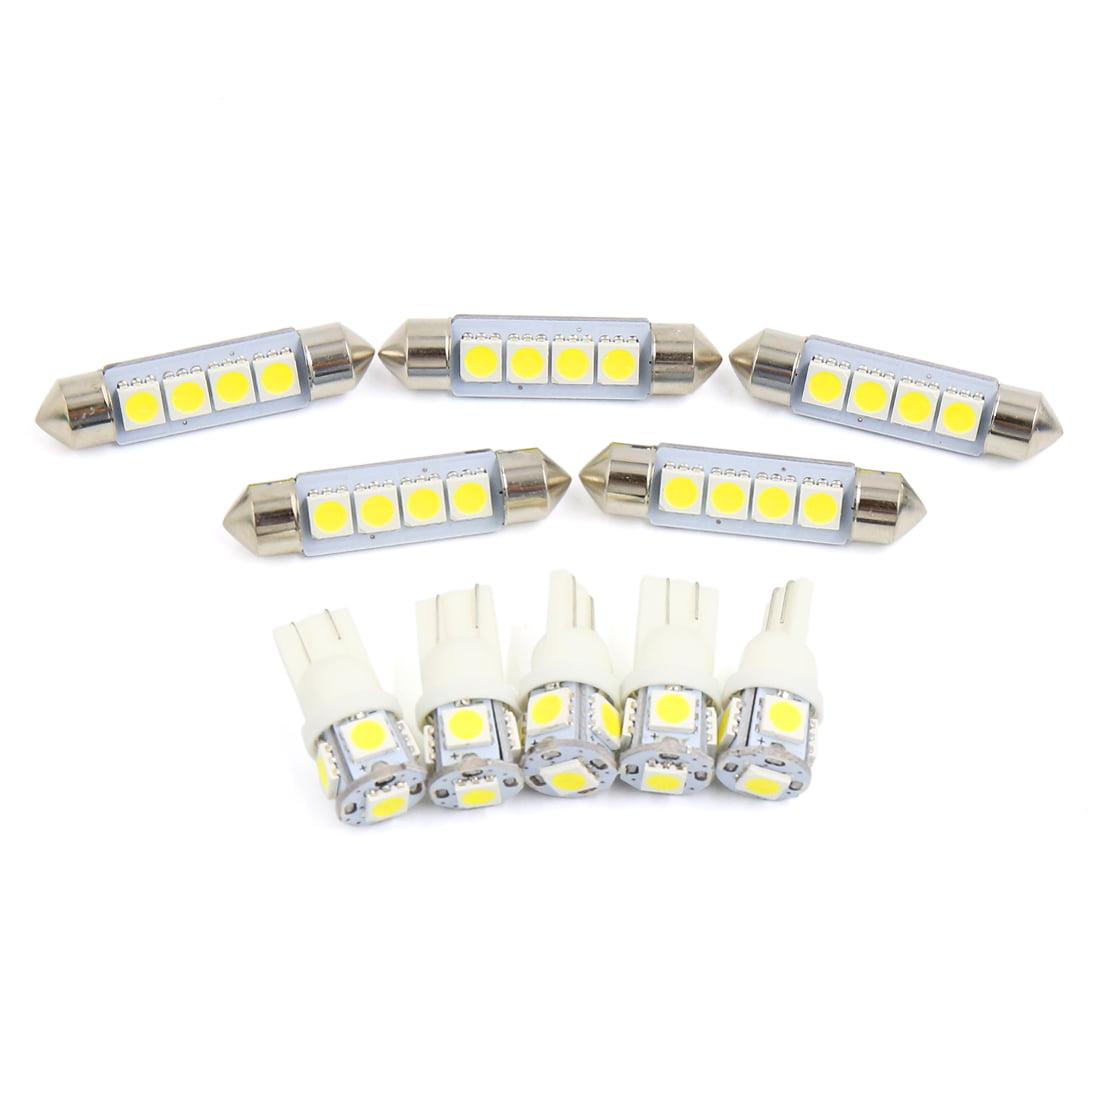 10x for  RAM 1500 2009-2016 White Car  Light Bulbs Interior Package Kit